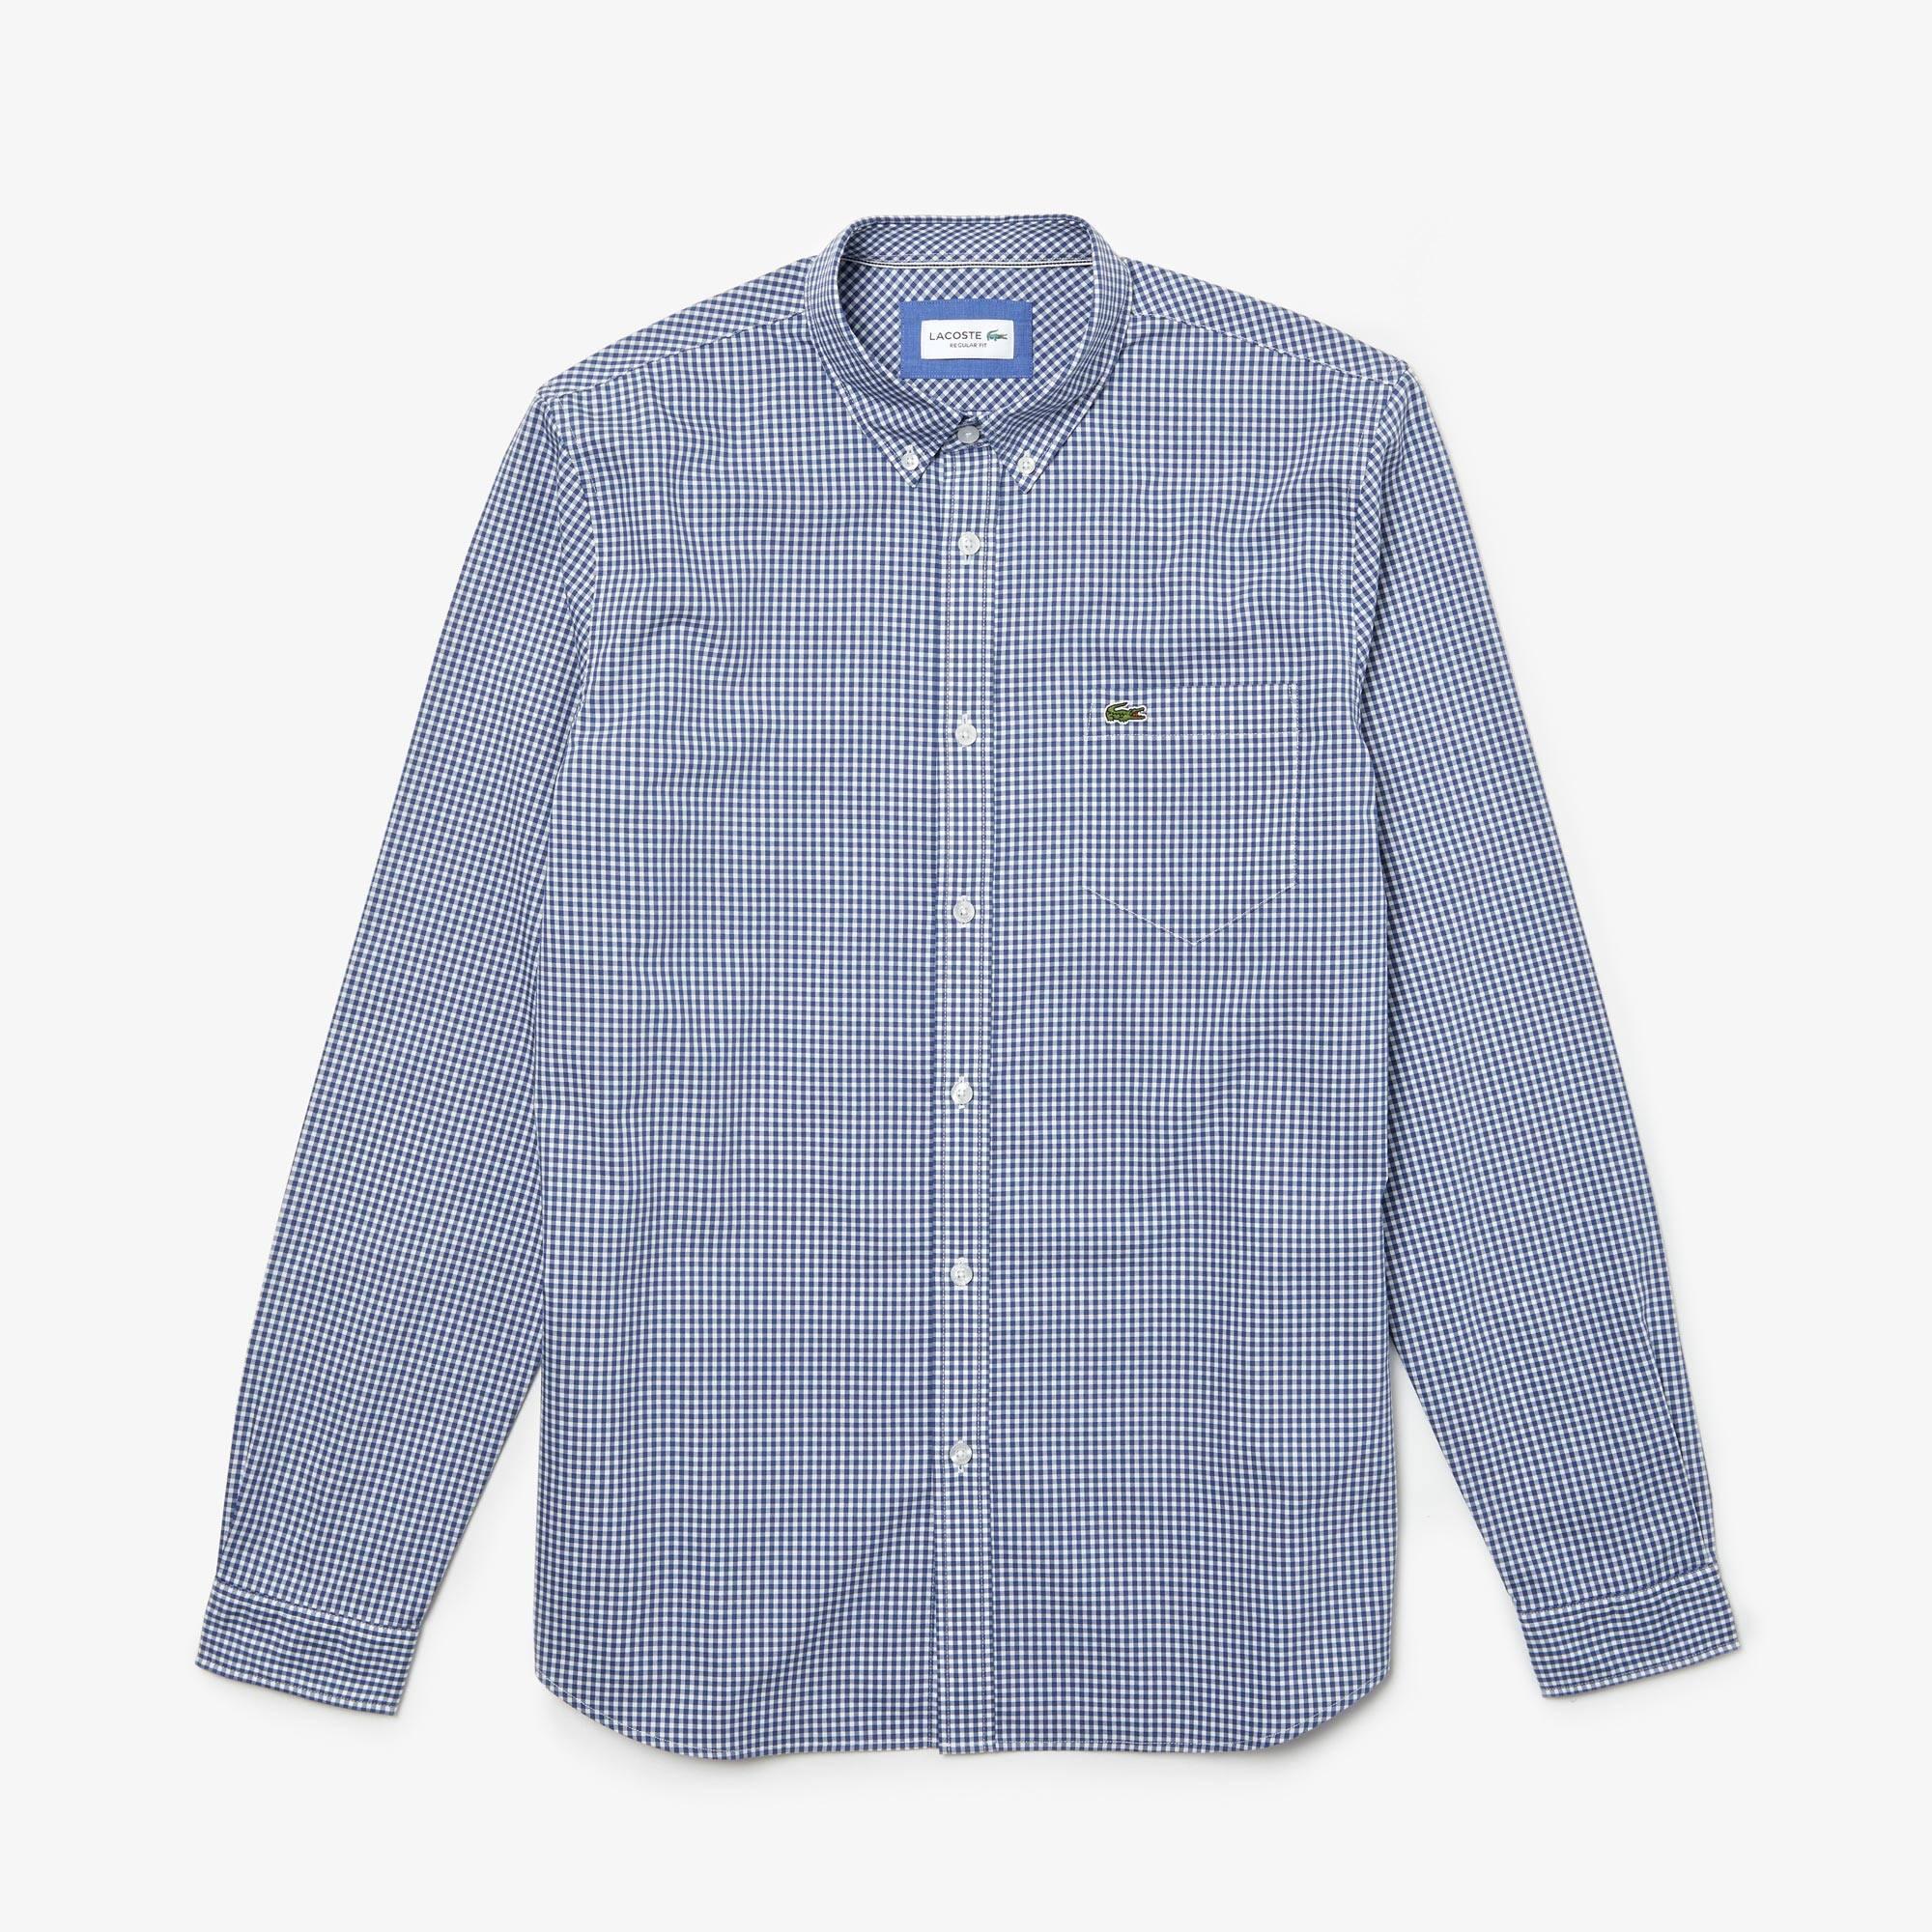 Camisa regular fit Lacoste Motion em popelina aos quadrados